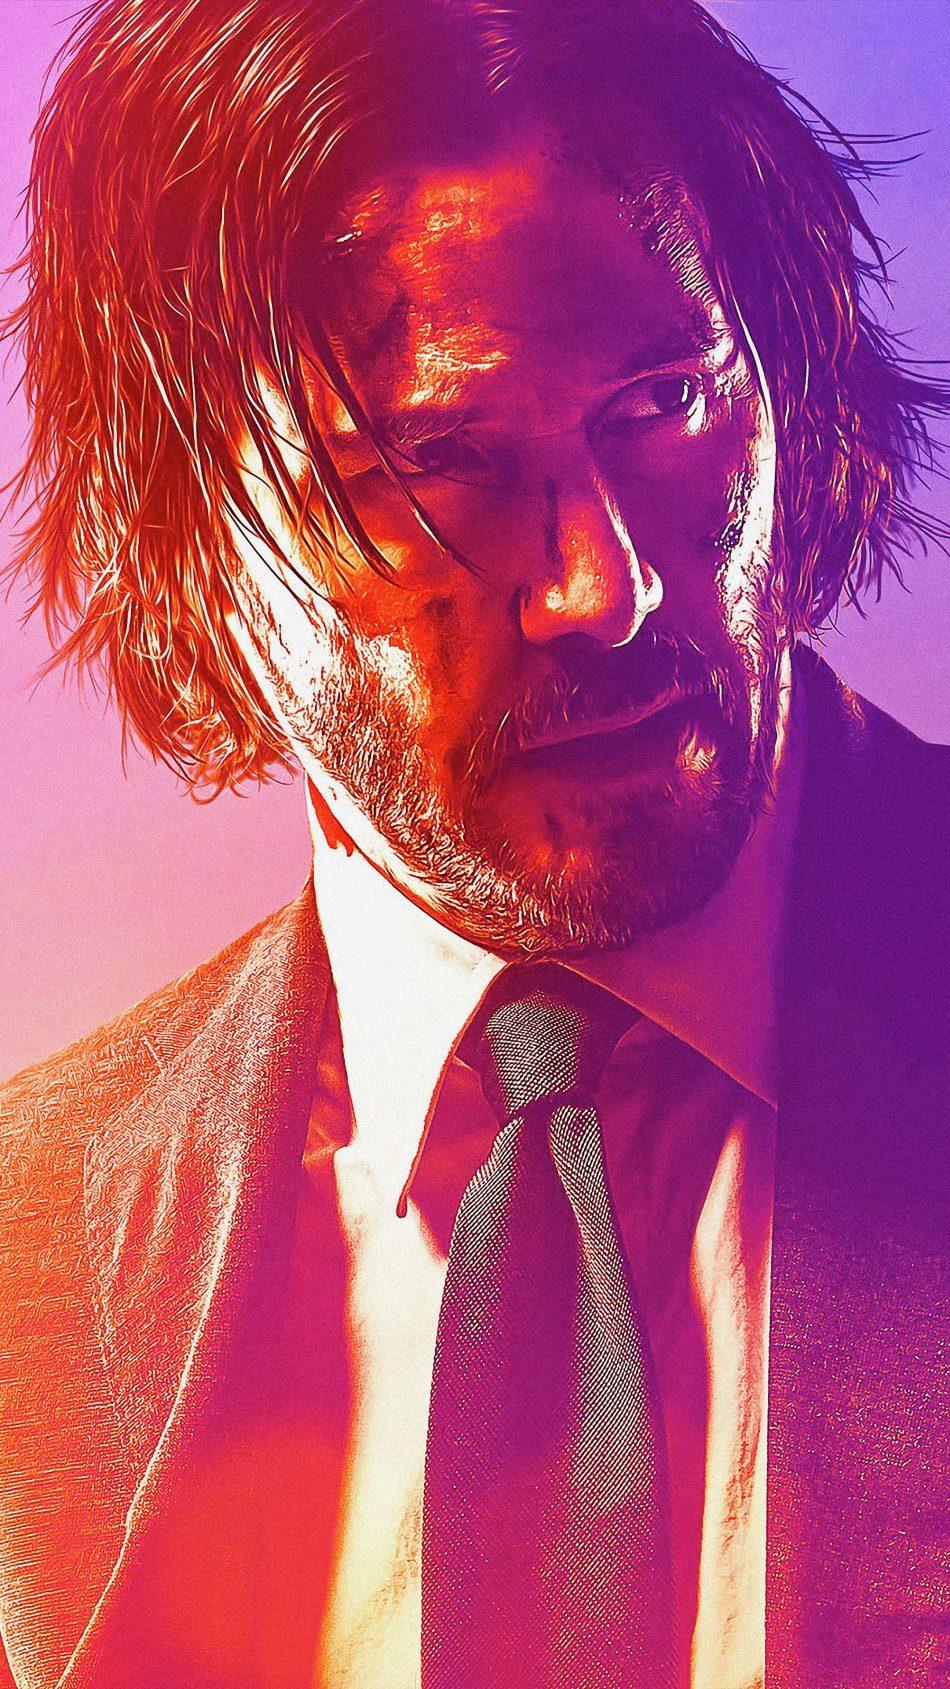 Keanu Reeves In John Wick Chapter 3 Parabellum 4k Ultra Hd Mobile Wallpaper John Wick Hd Keanu Reeves John Wick Keanu Reeves